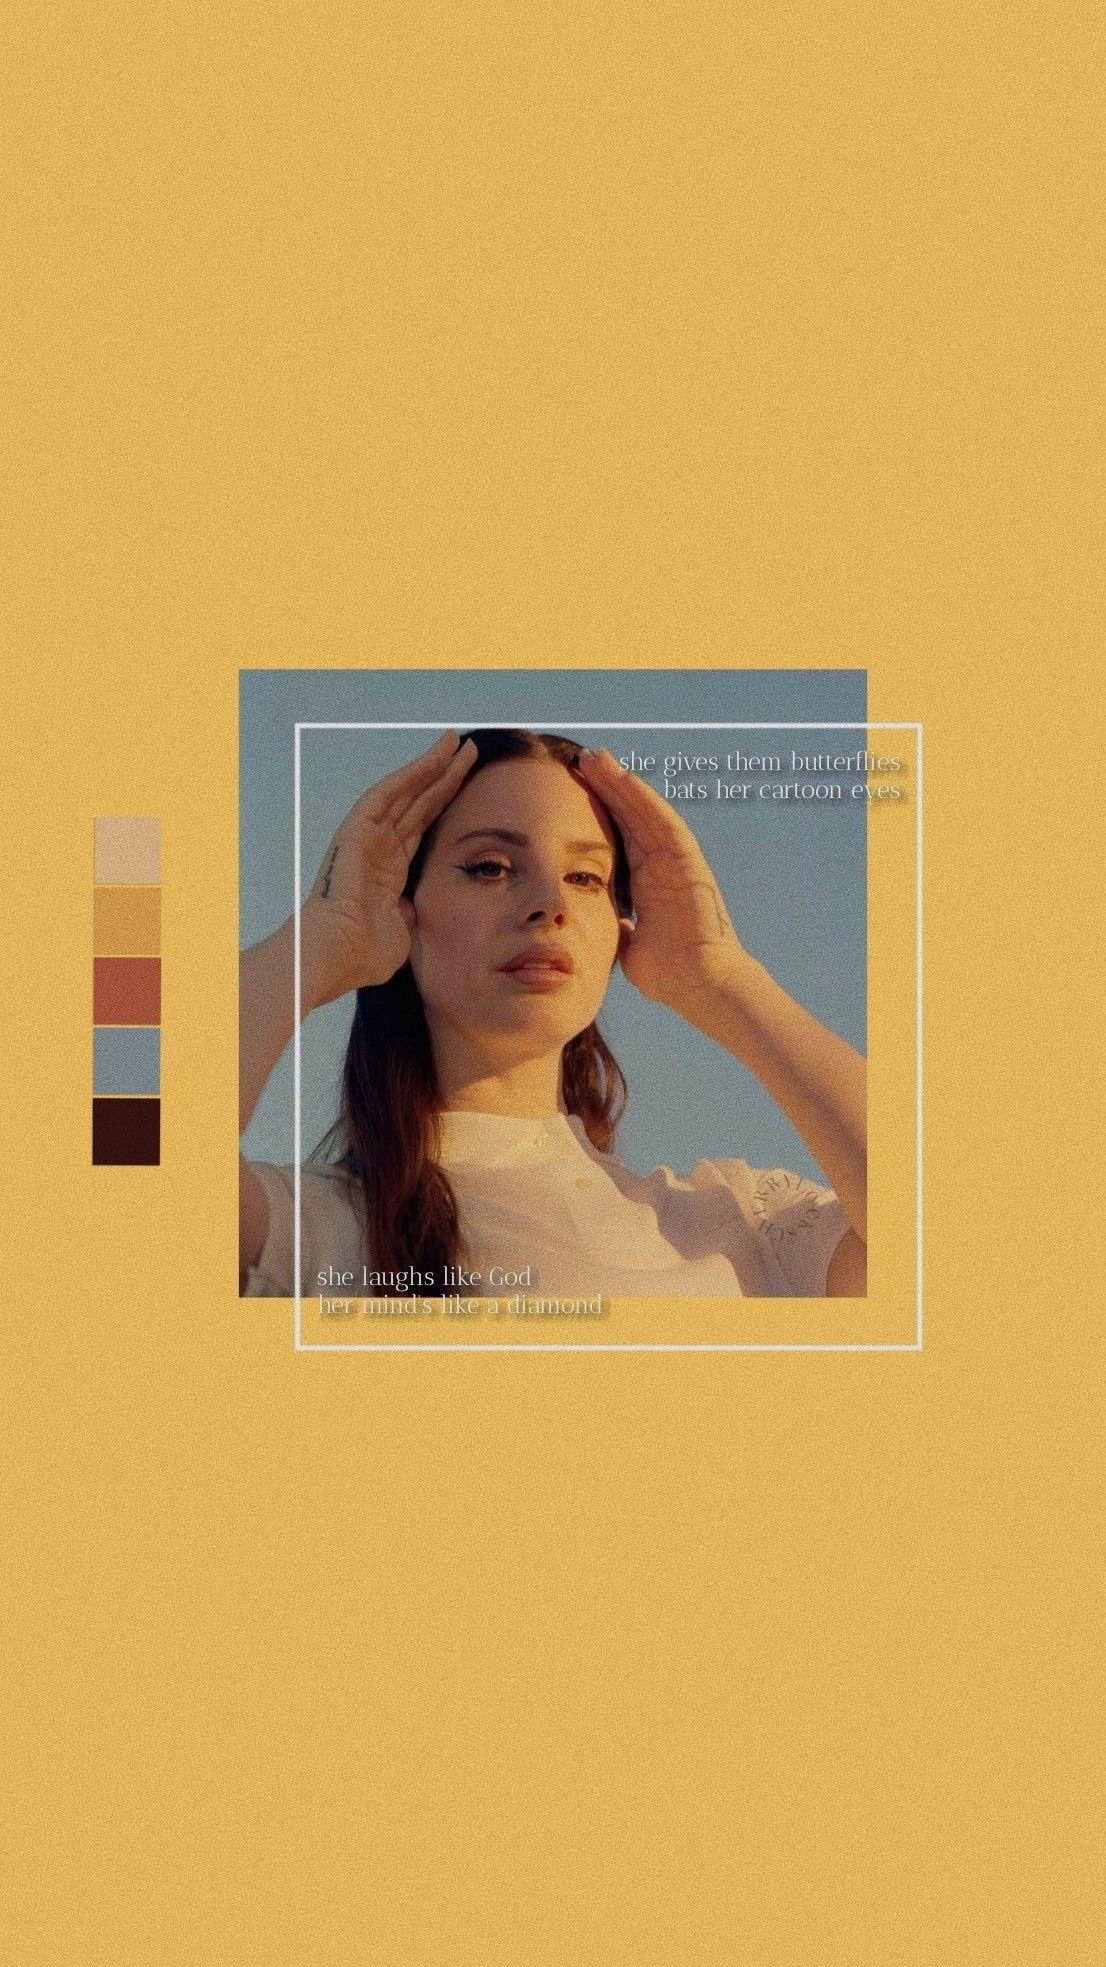 Lockscreen Yellow Lana Del Rey Lockscreen Yellow Lana Del Rey Lana Del Rey Art Pastel Aesthetic Lana Del Rey Lyrics